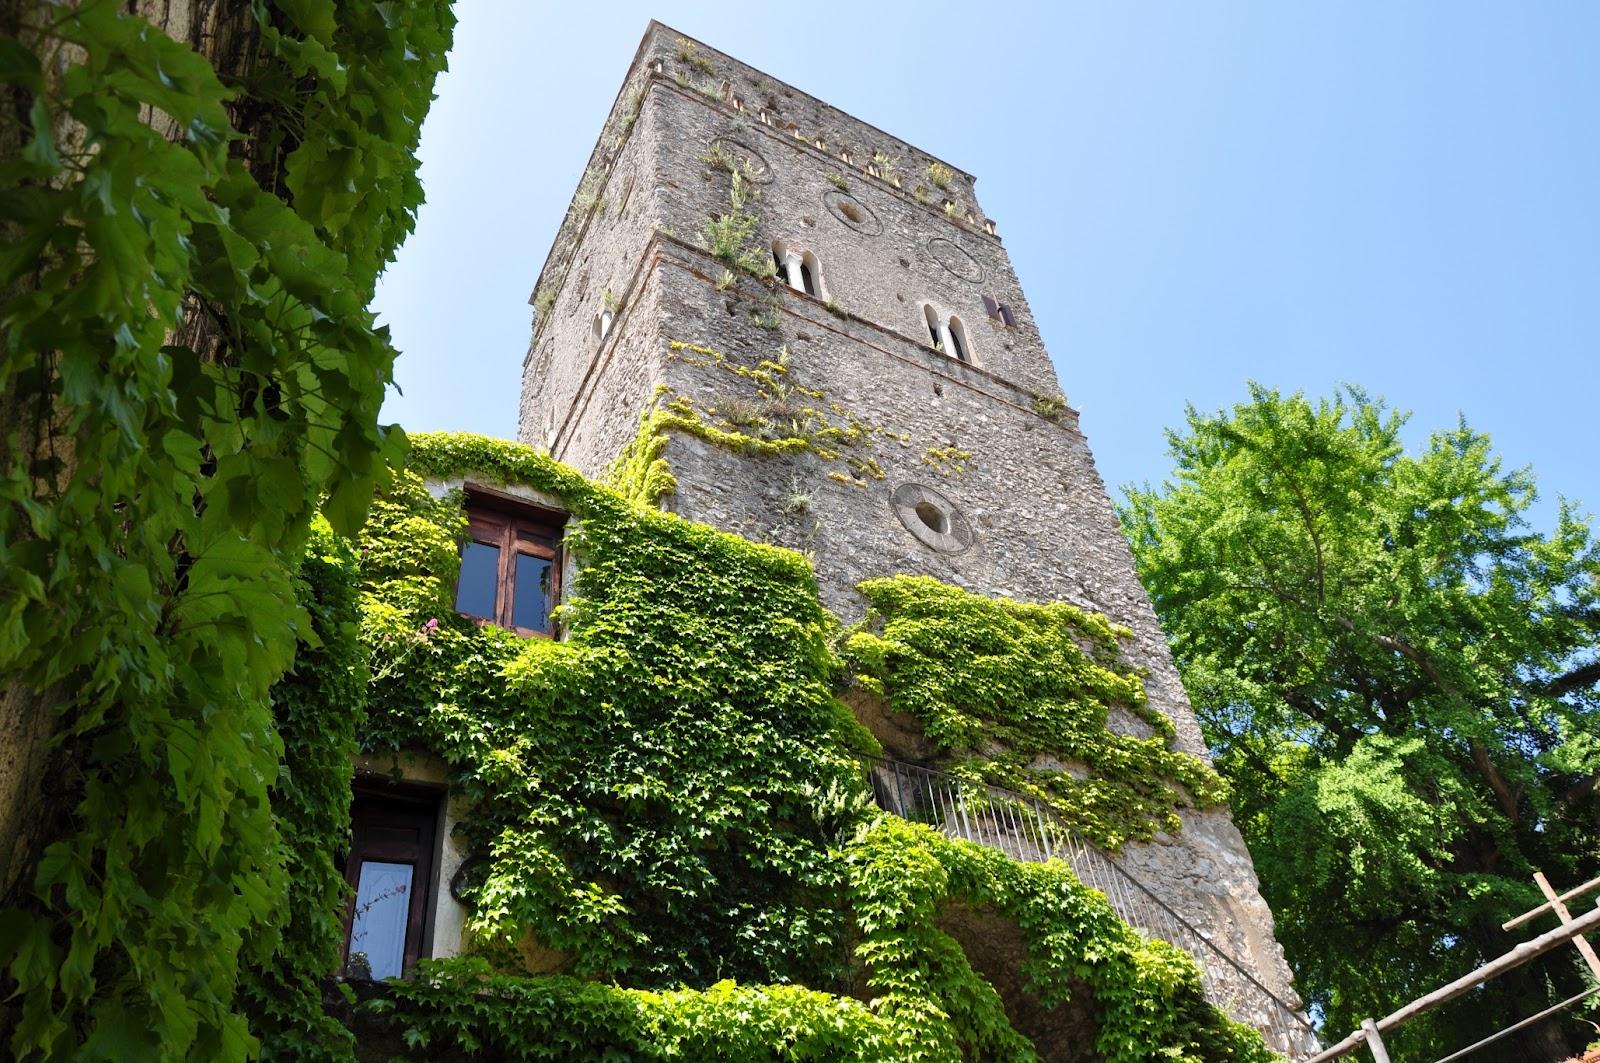 Город Равелло в Италии, сады и захватывающие виды